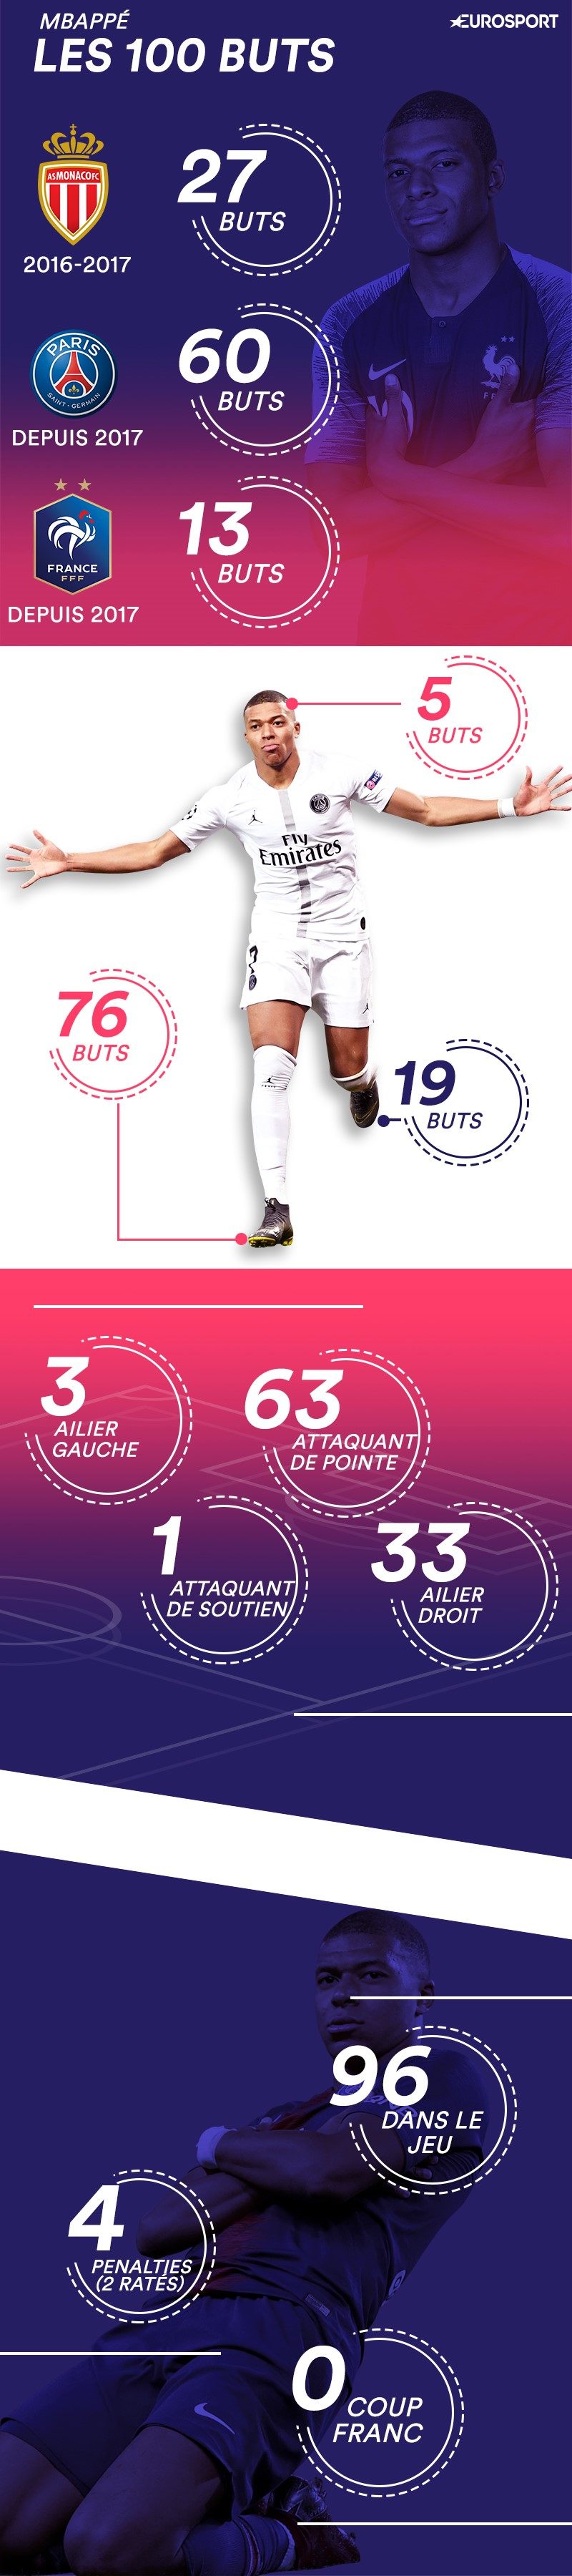 Les 100 buts de Mbappé